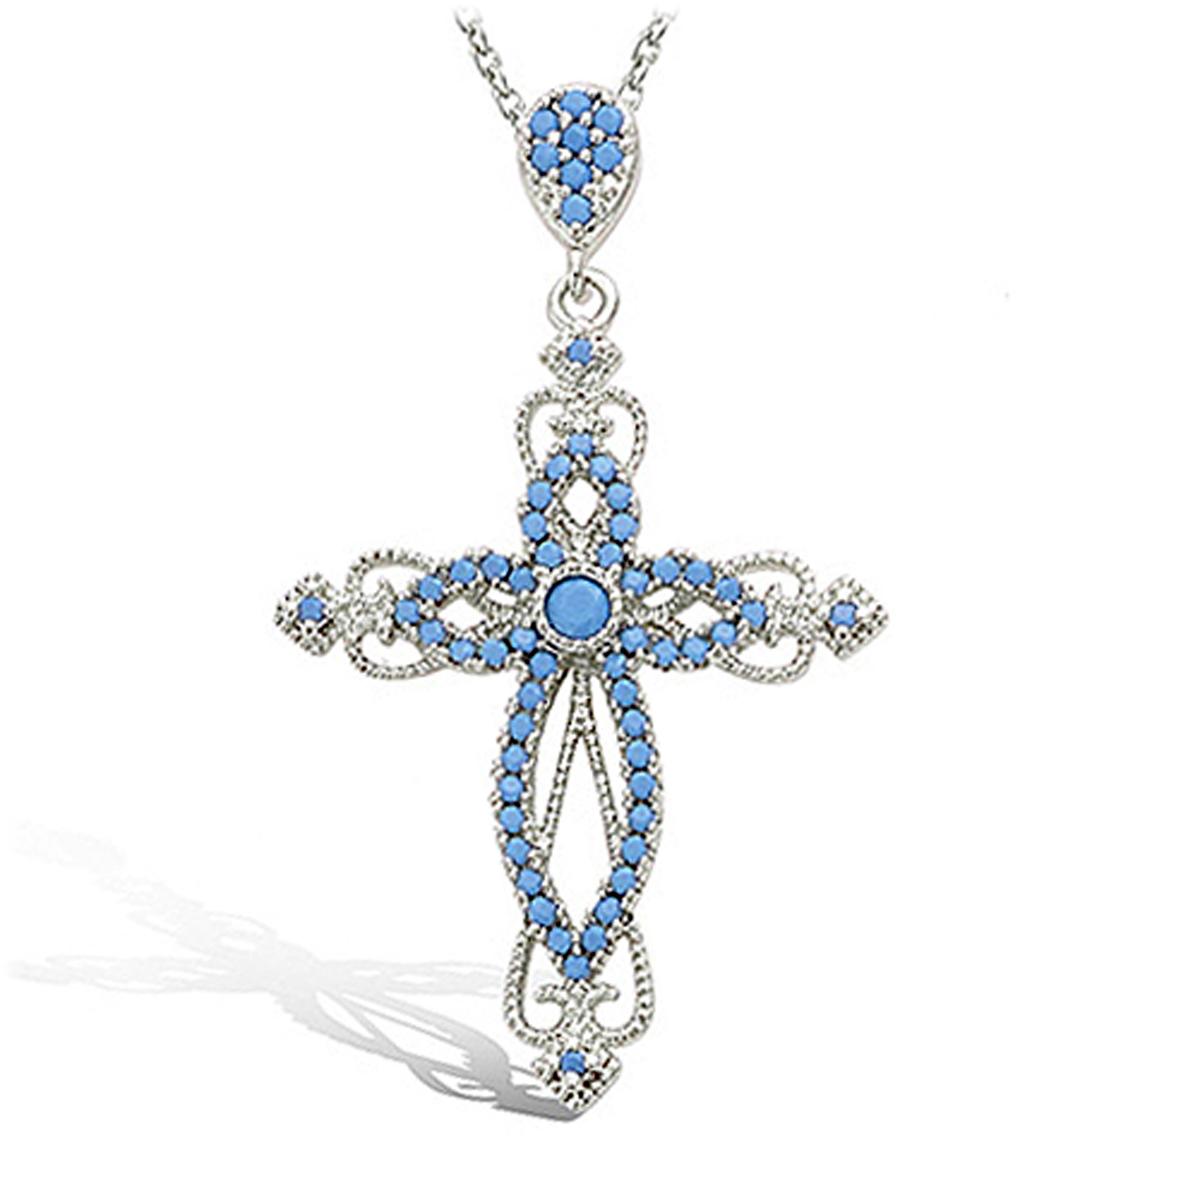 Pendentif Argent \'Croix Baroque\' turquoise argenté (rhodié) - 39x21 mm - [P1183]